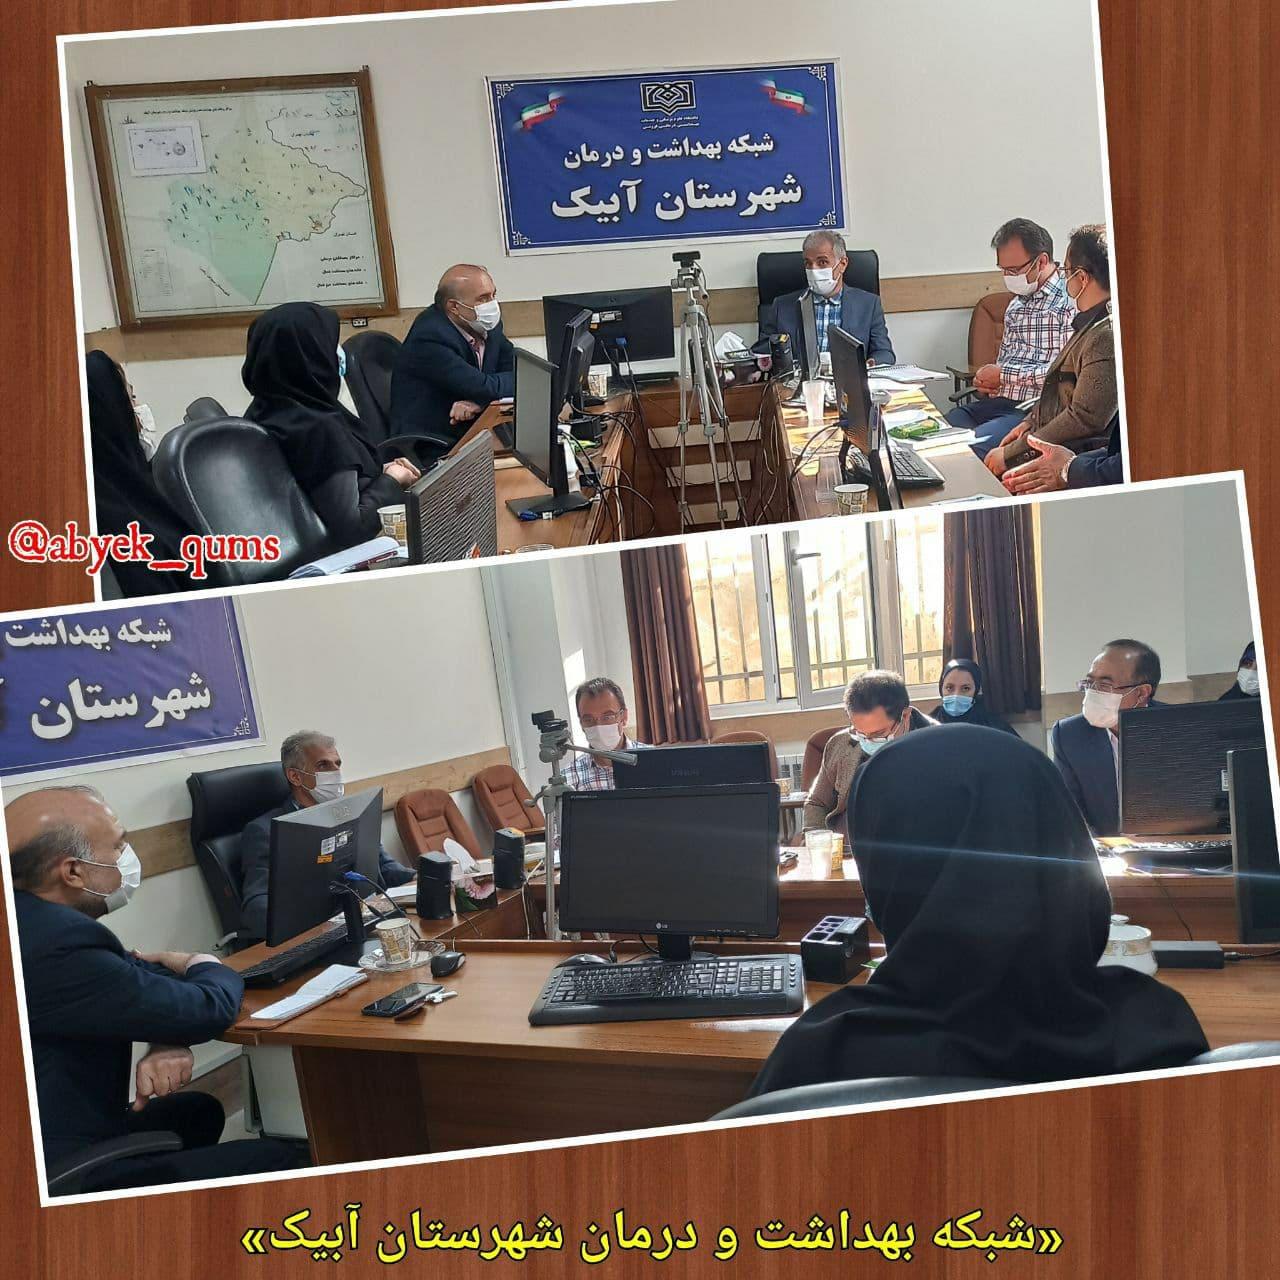 جلسه شورای کارشناسان شبکه بهداشت و درمان شهرستان آبیک برگزار گردید